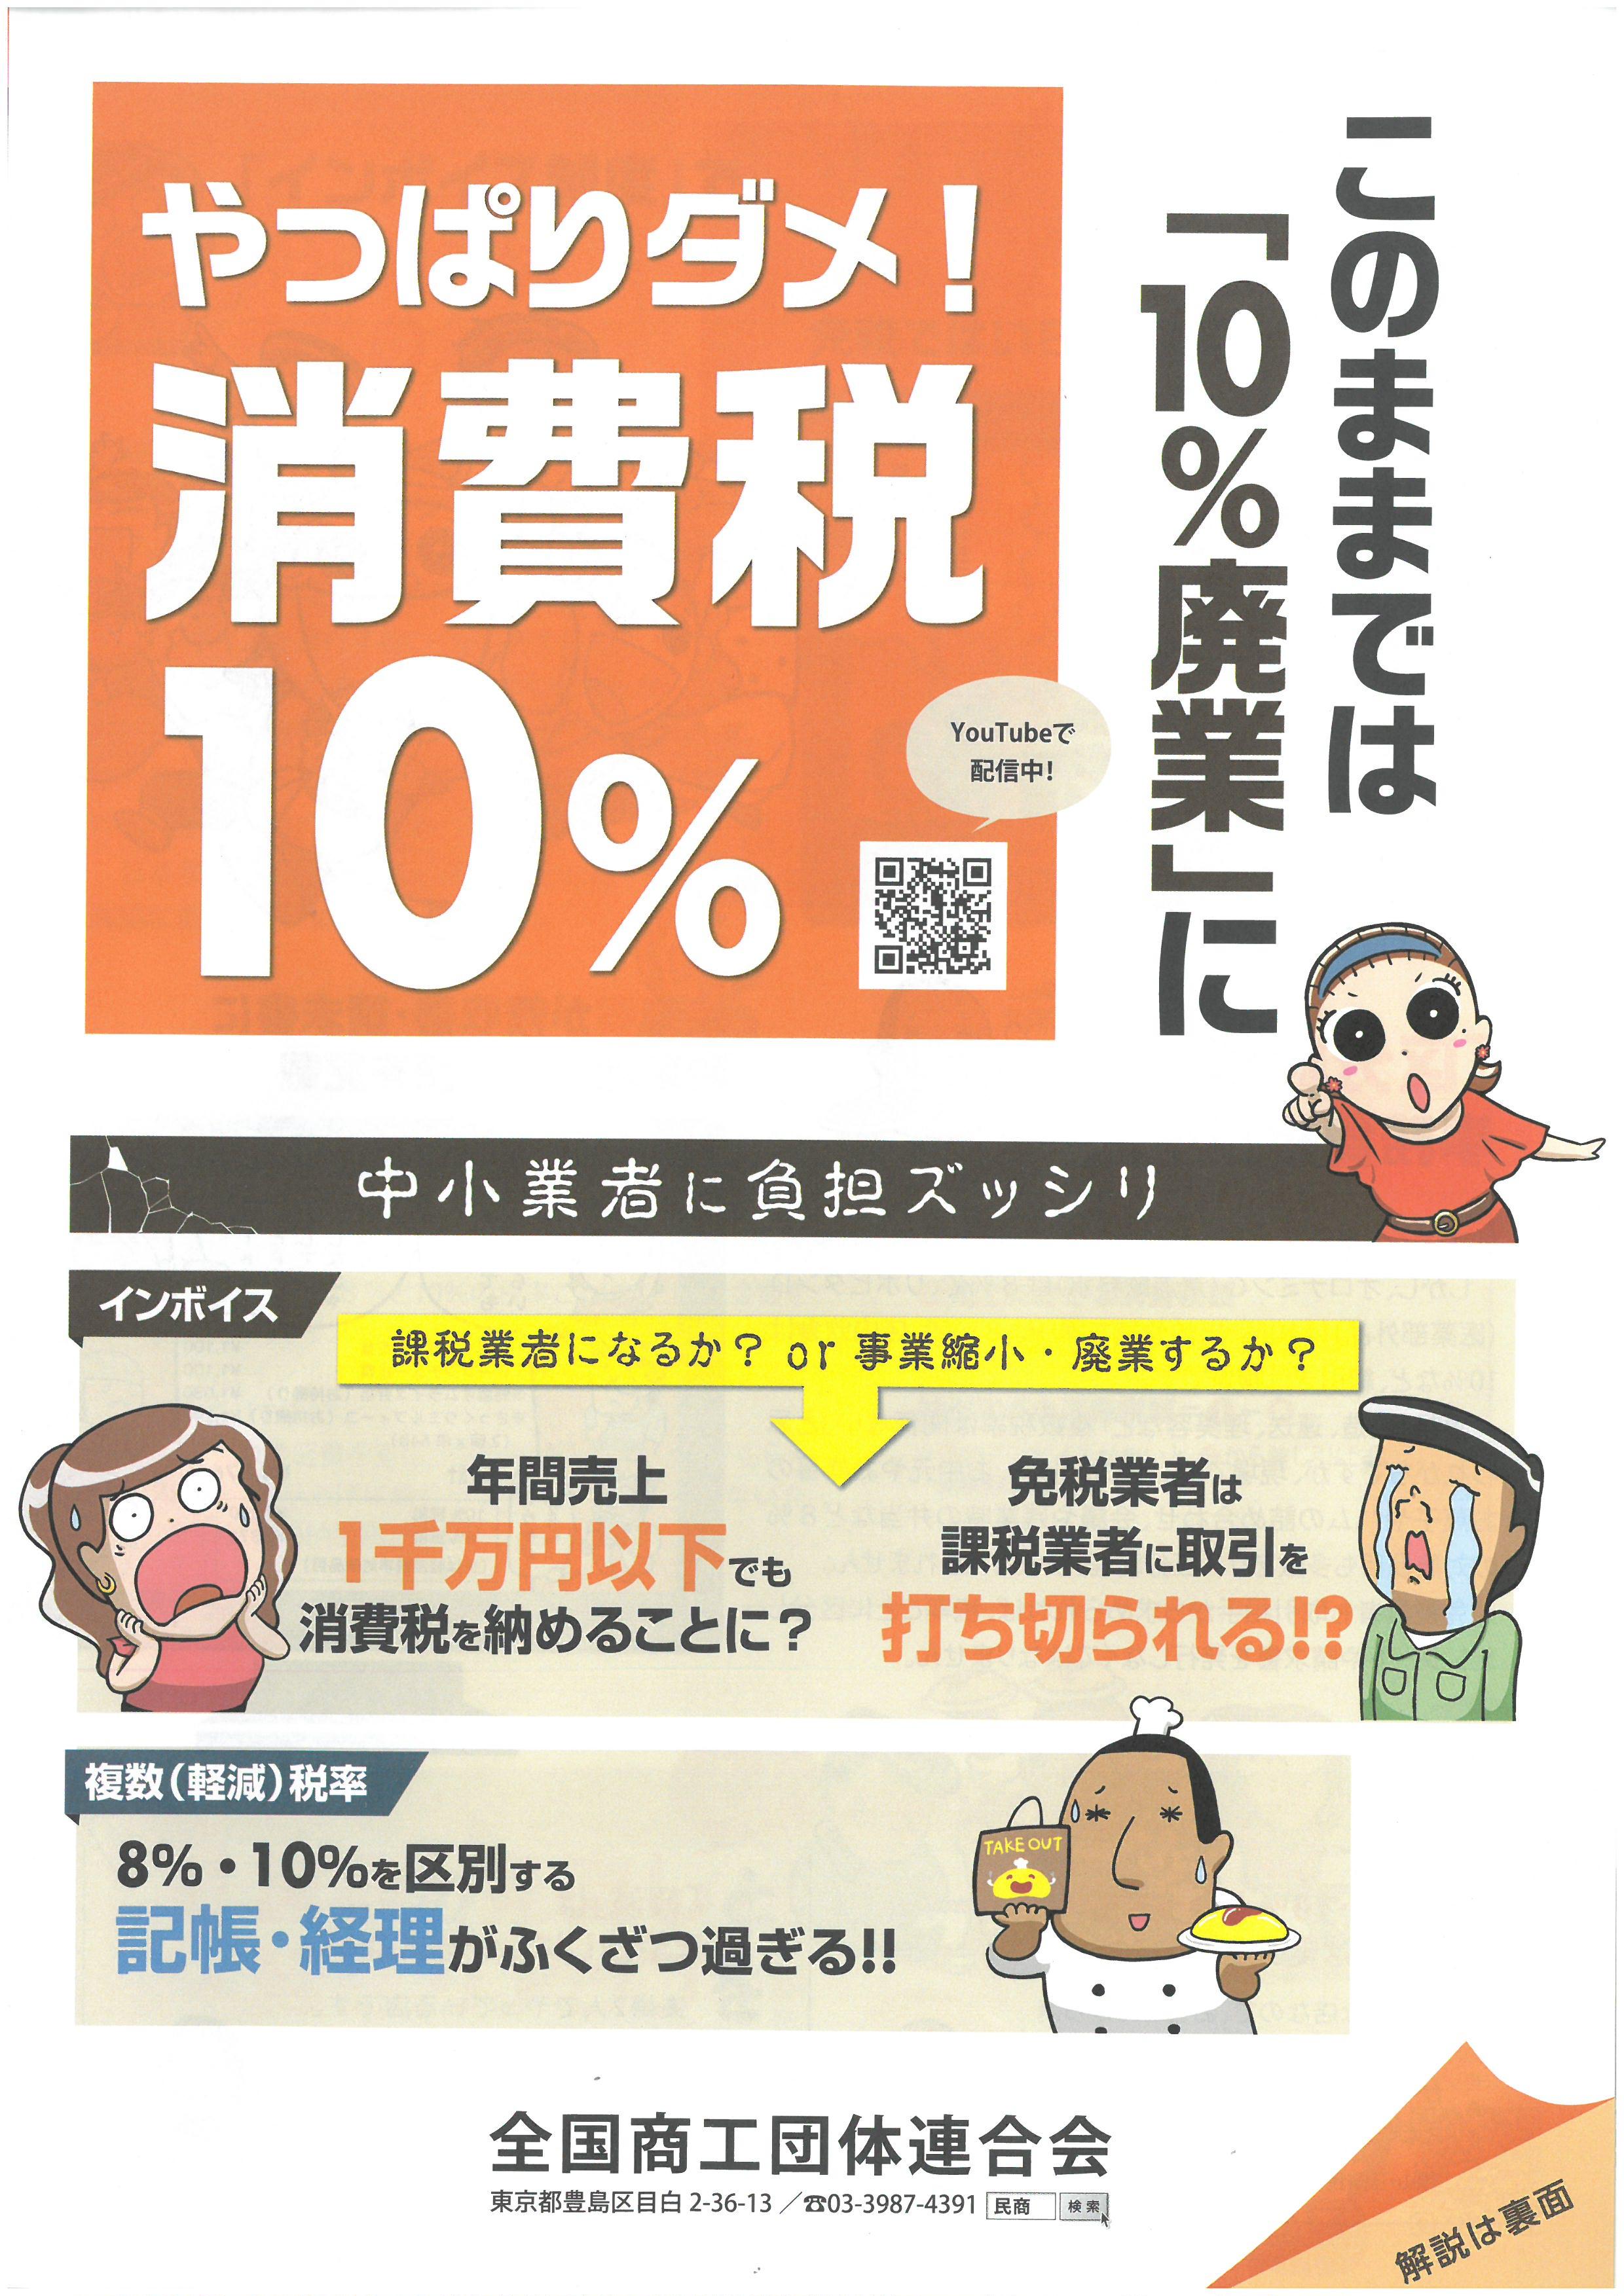 ダメ!消費税10%インボイス制度